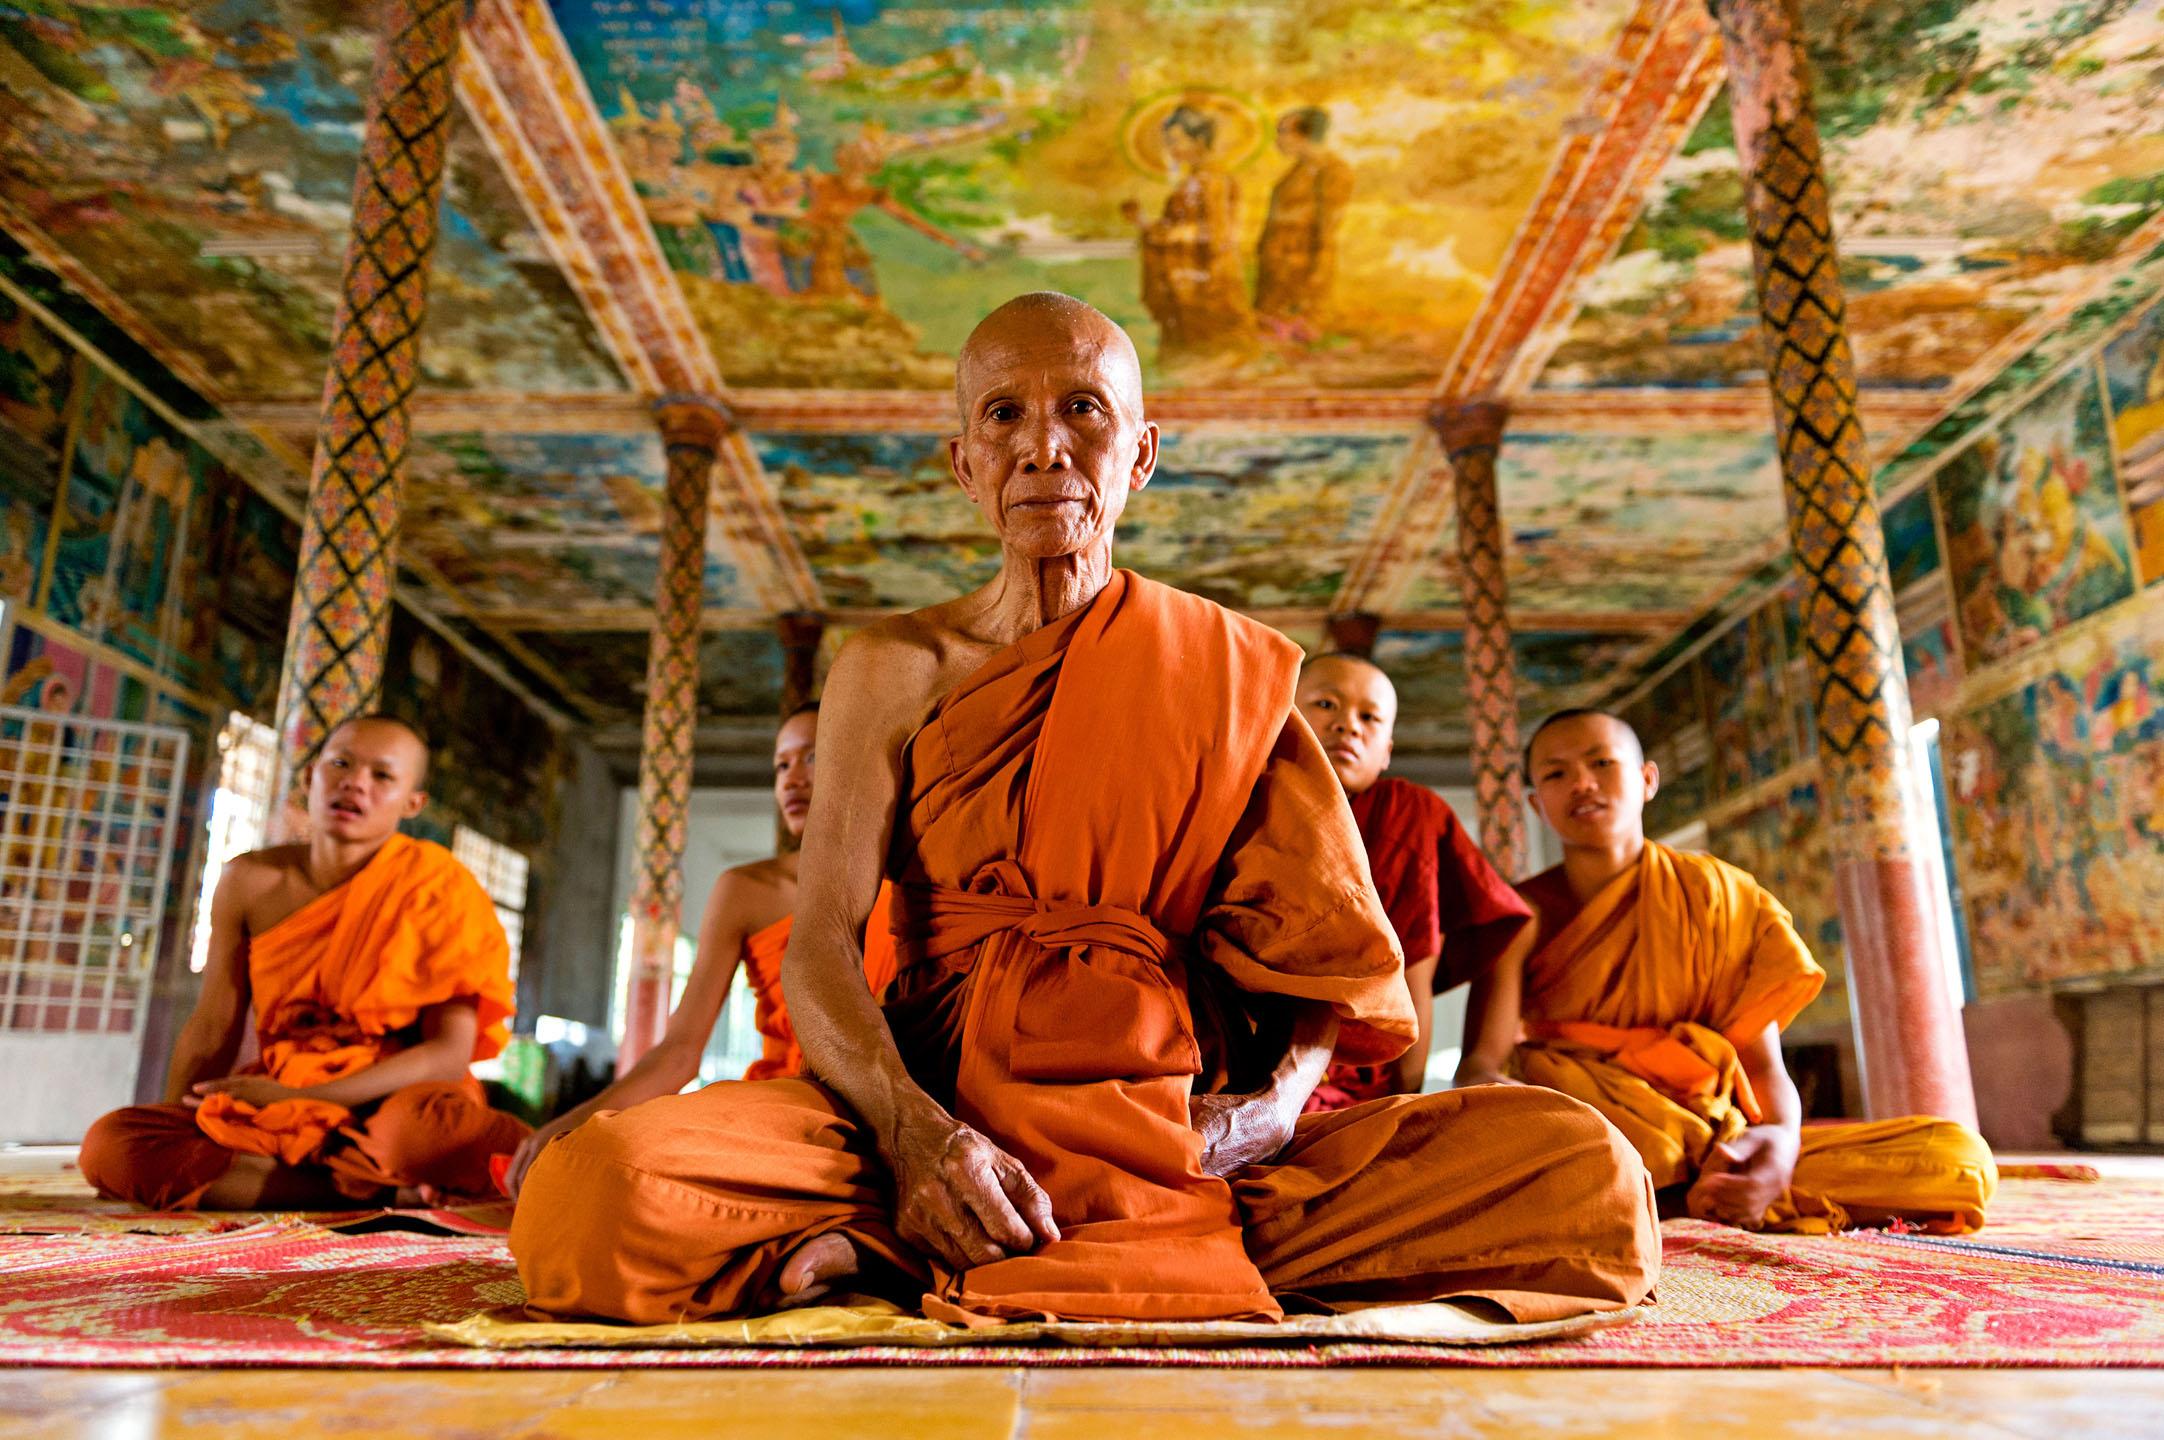 07 - SCOTT A WOODWARD_DSC9767 (SIHANOUKVILLE - (Wat Chotynieng or Wat Leu)